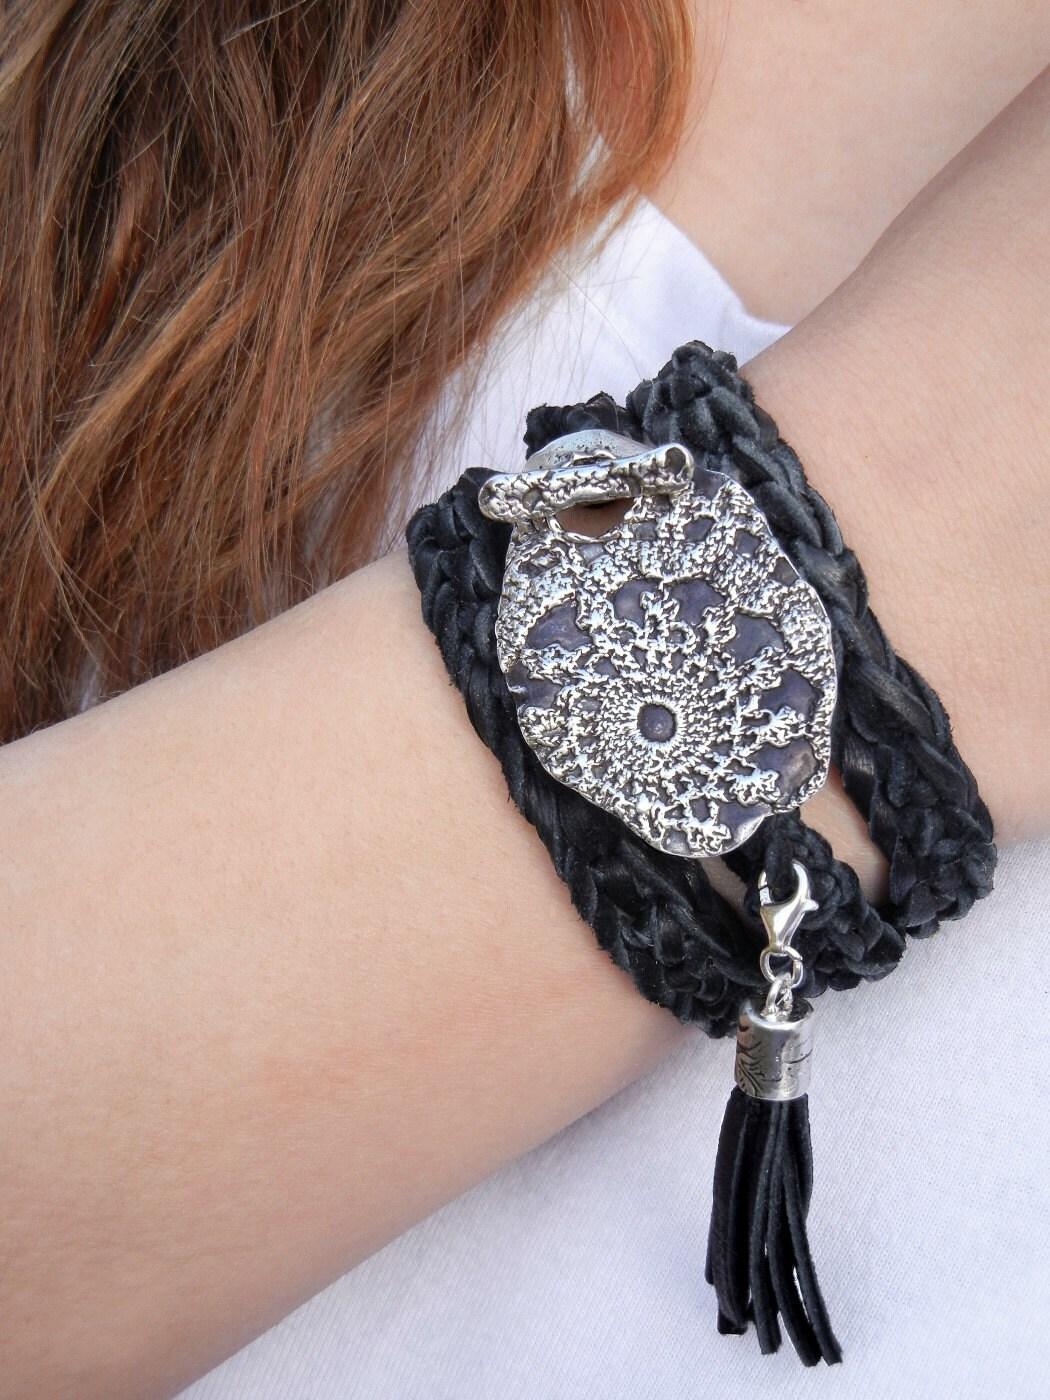 Boho Jewelry Wrap Bracelet Bohemian Silver Jewelry Leather